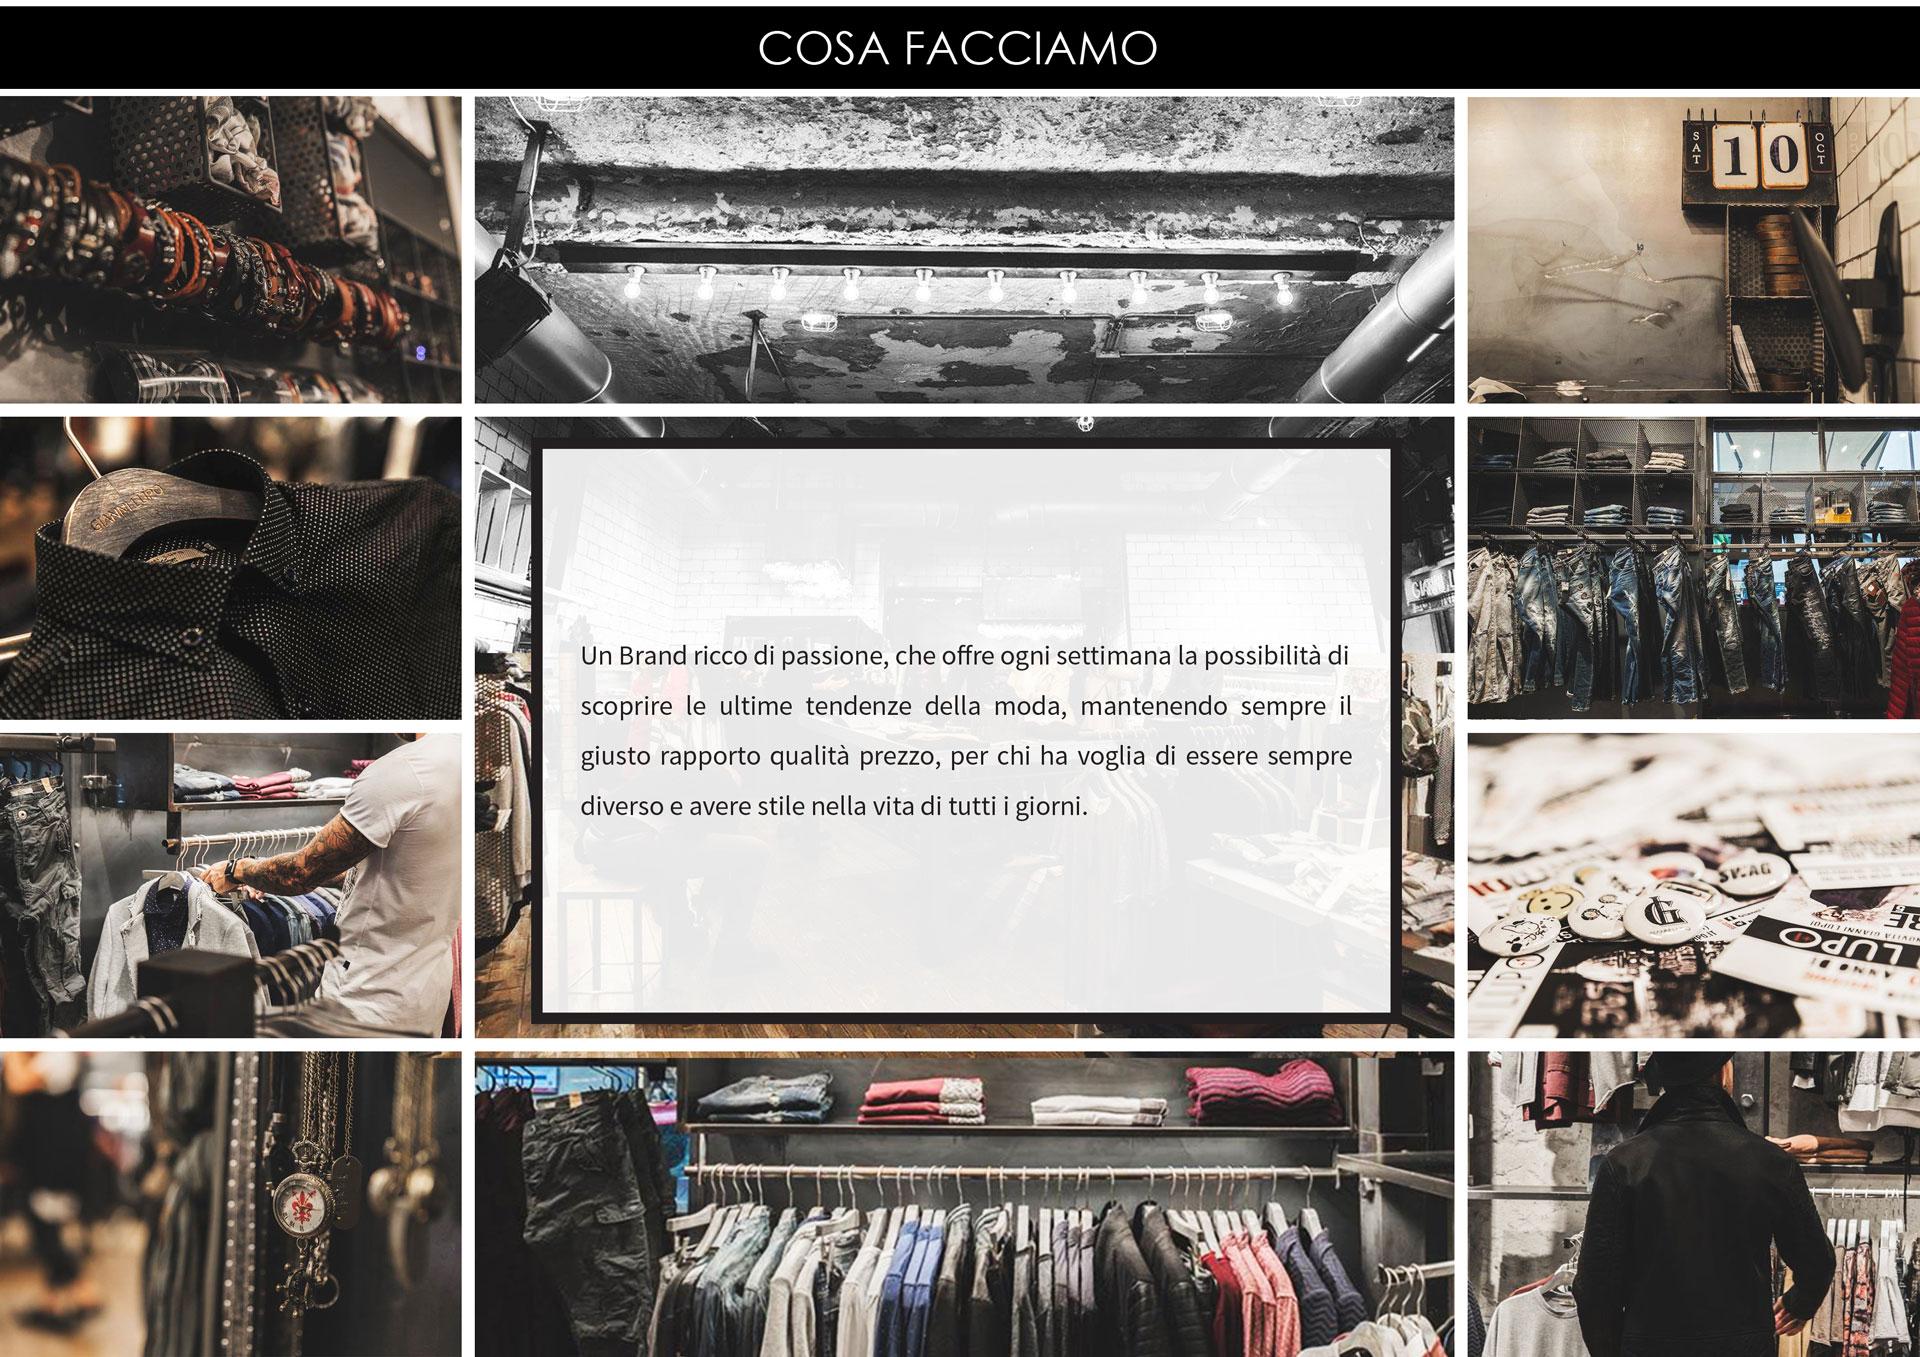 Brand ricco di passione, offre ogni settimana le ultime tendenze nella moda. Qualità prezzo giusti.